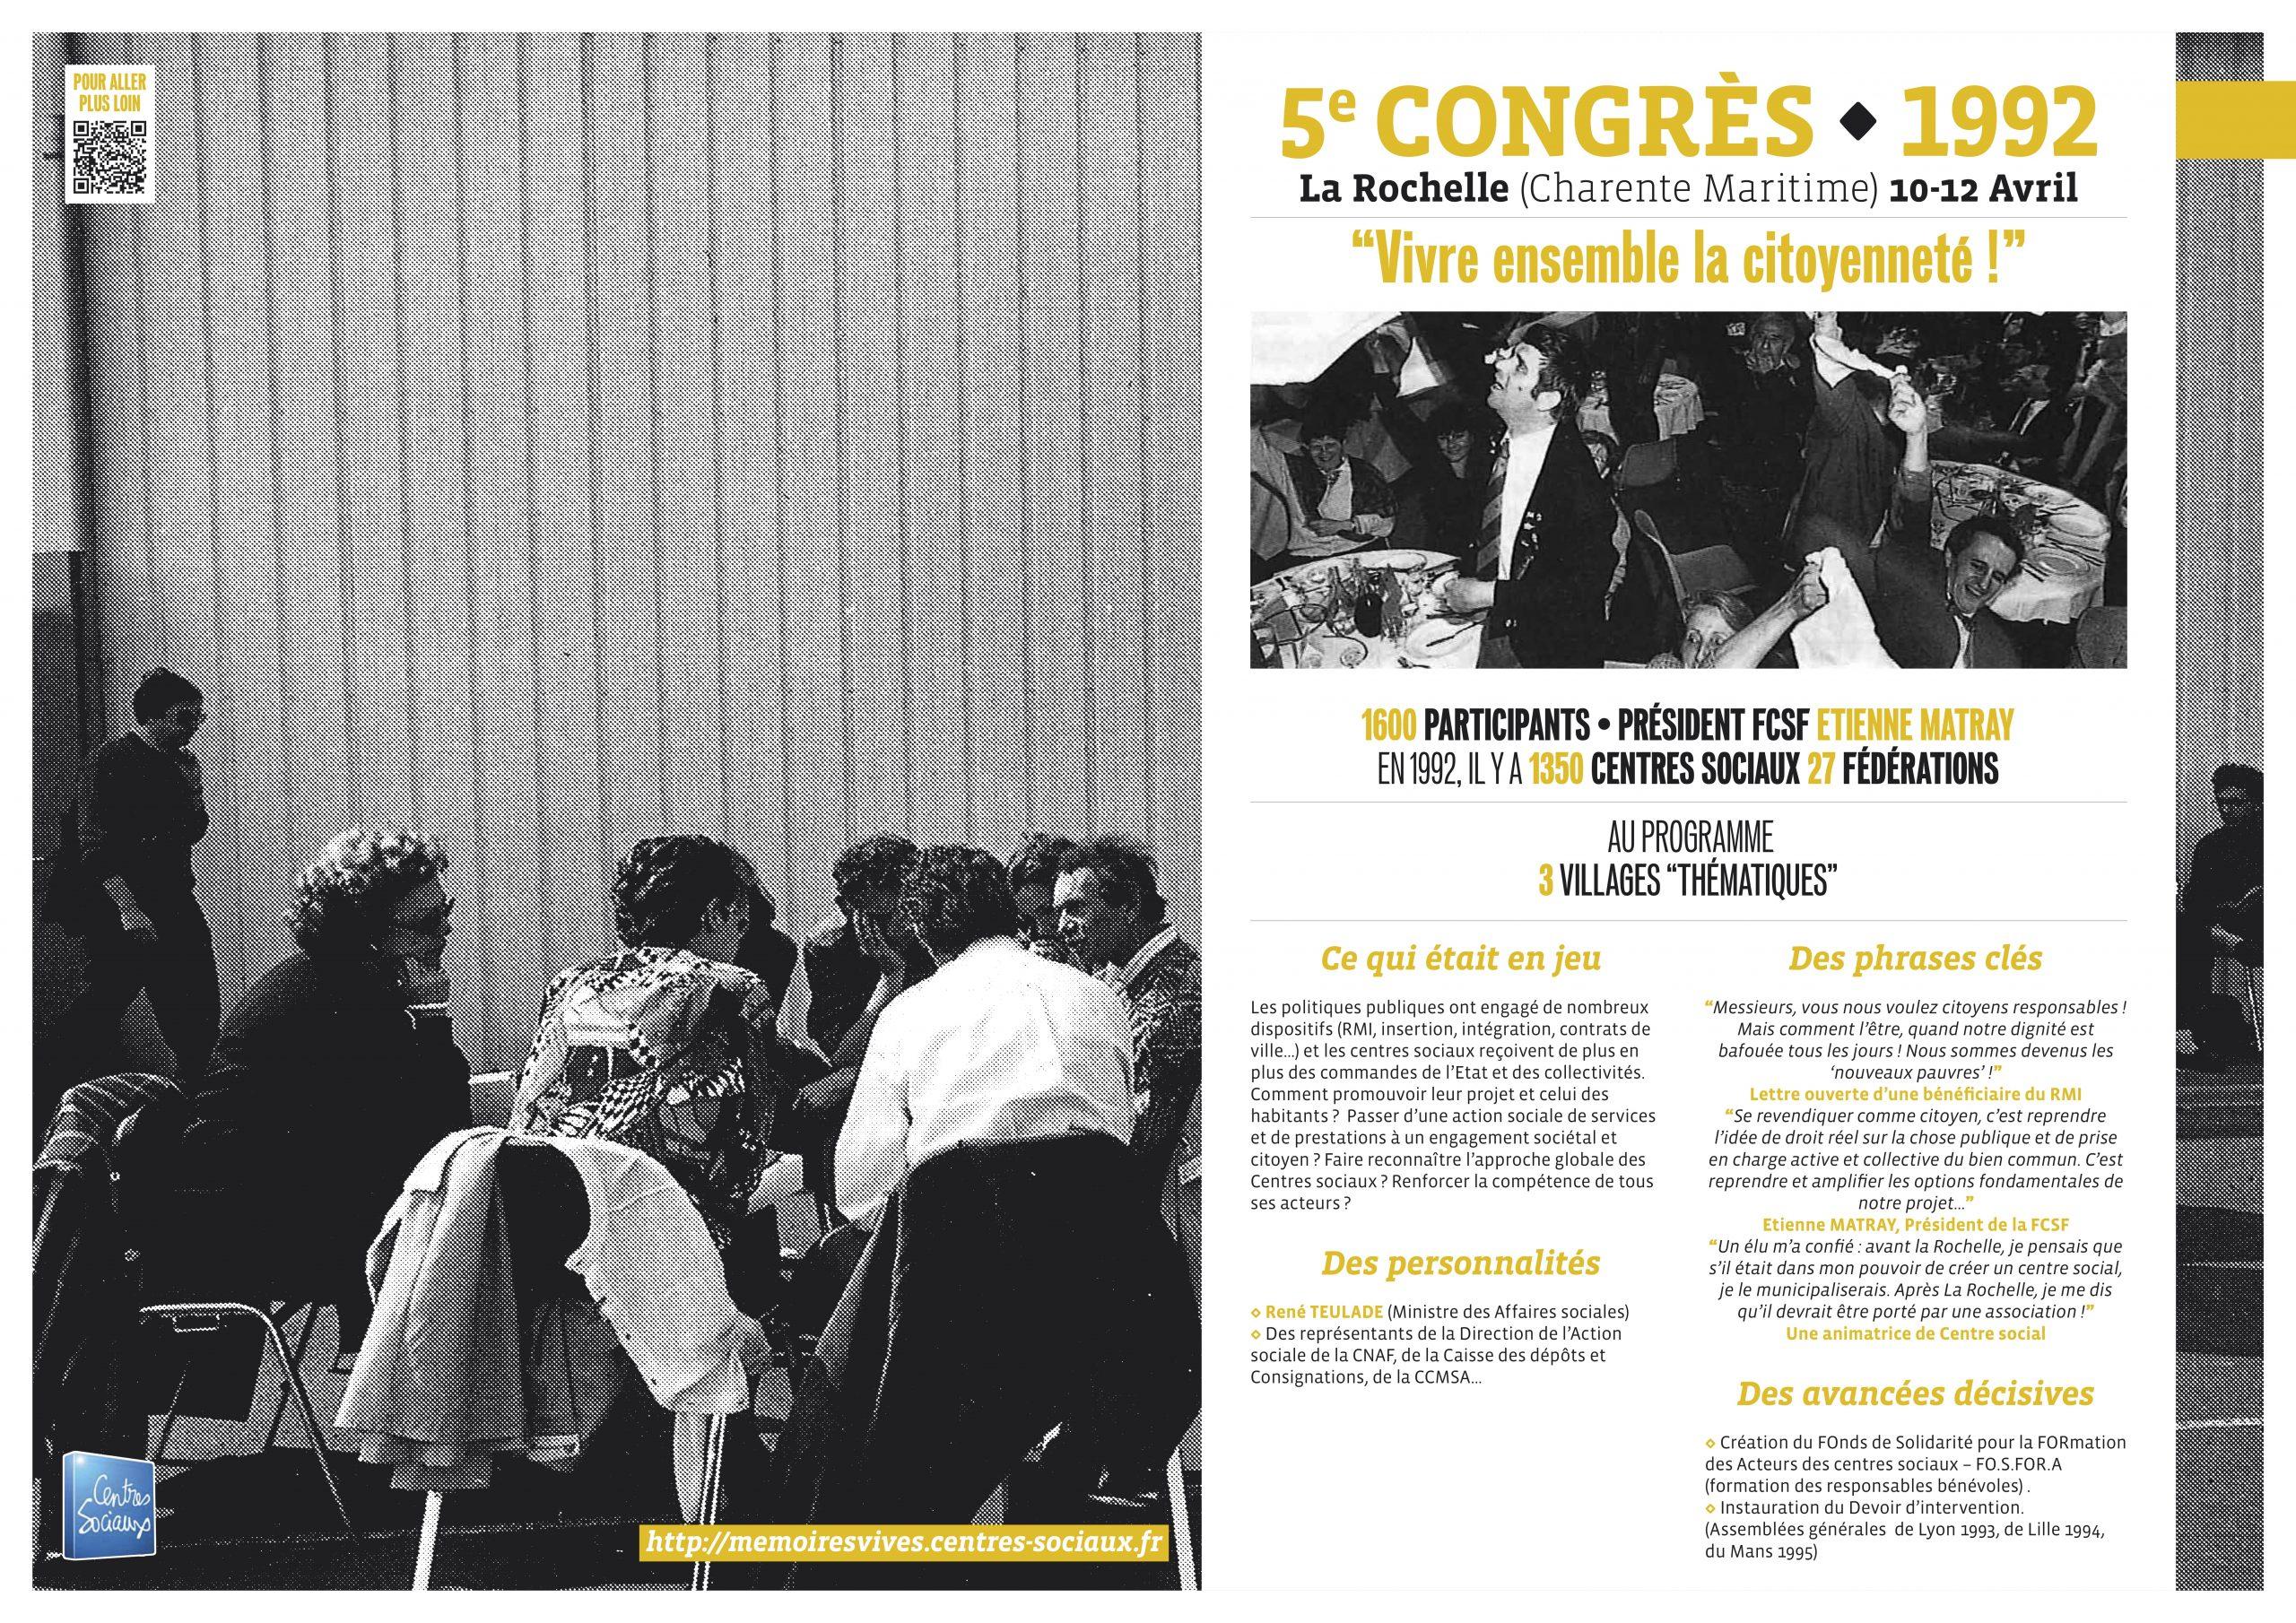 5ème Congrès